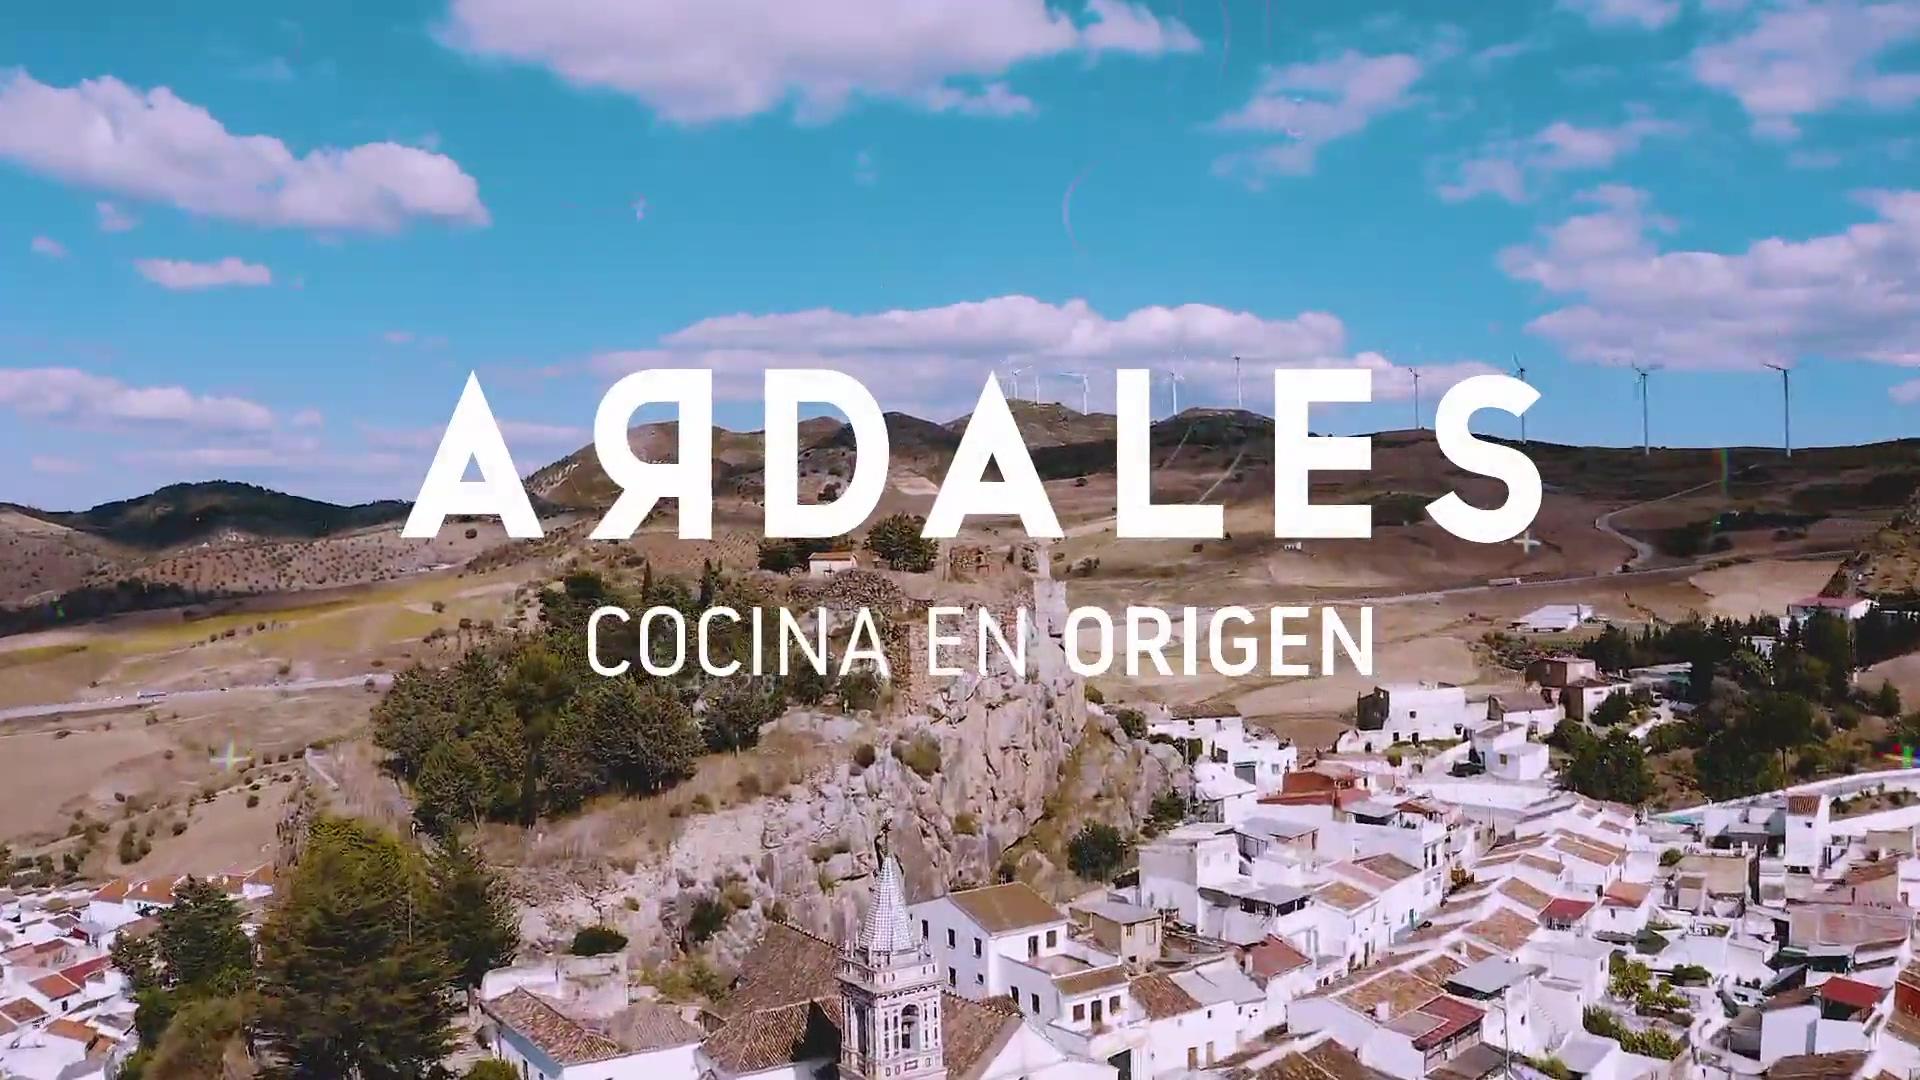 ARDALES - MALAGA COCINA EN ORIGEN